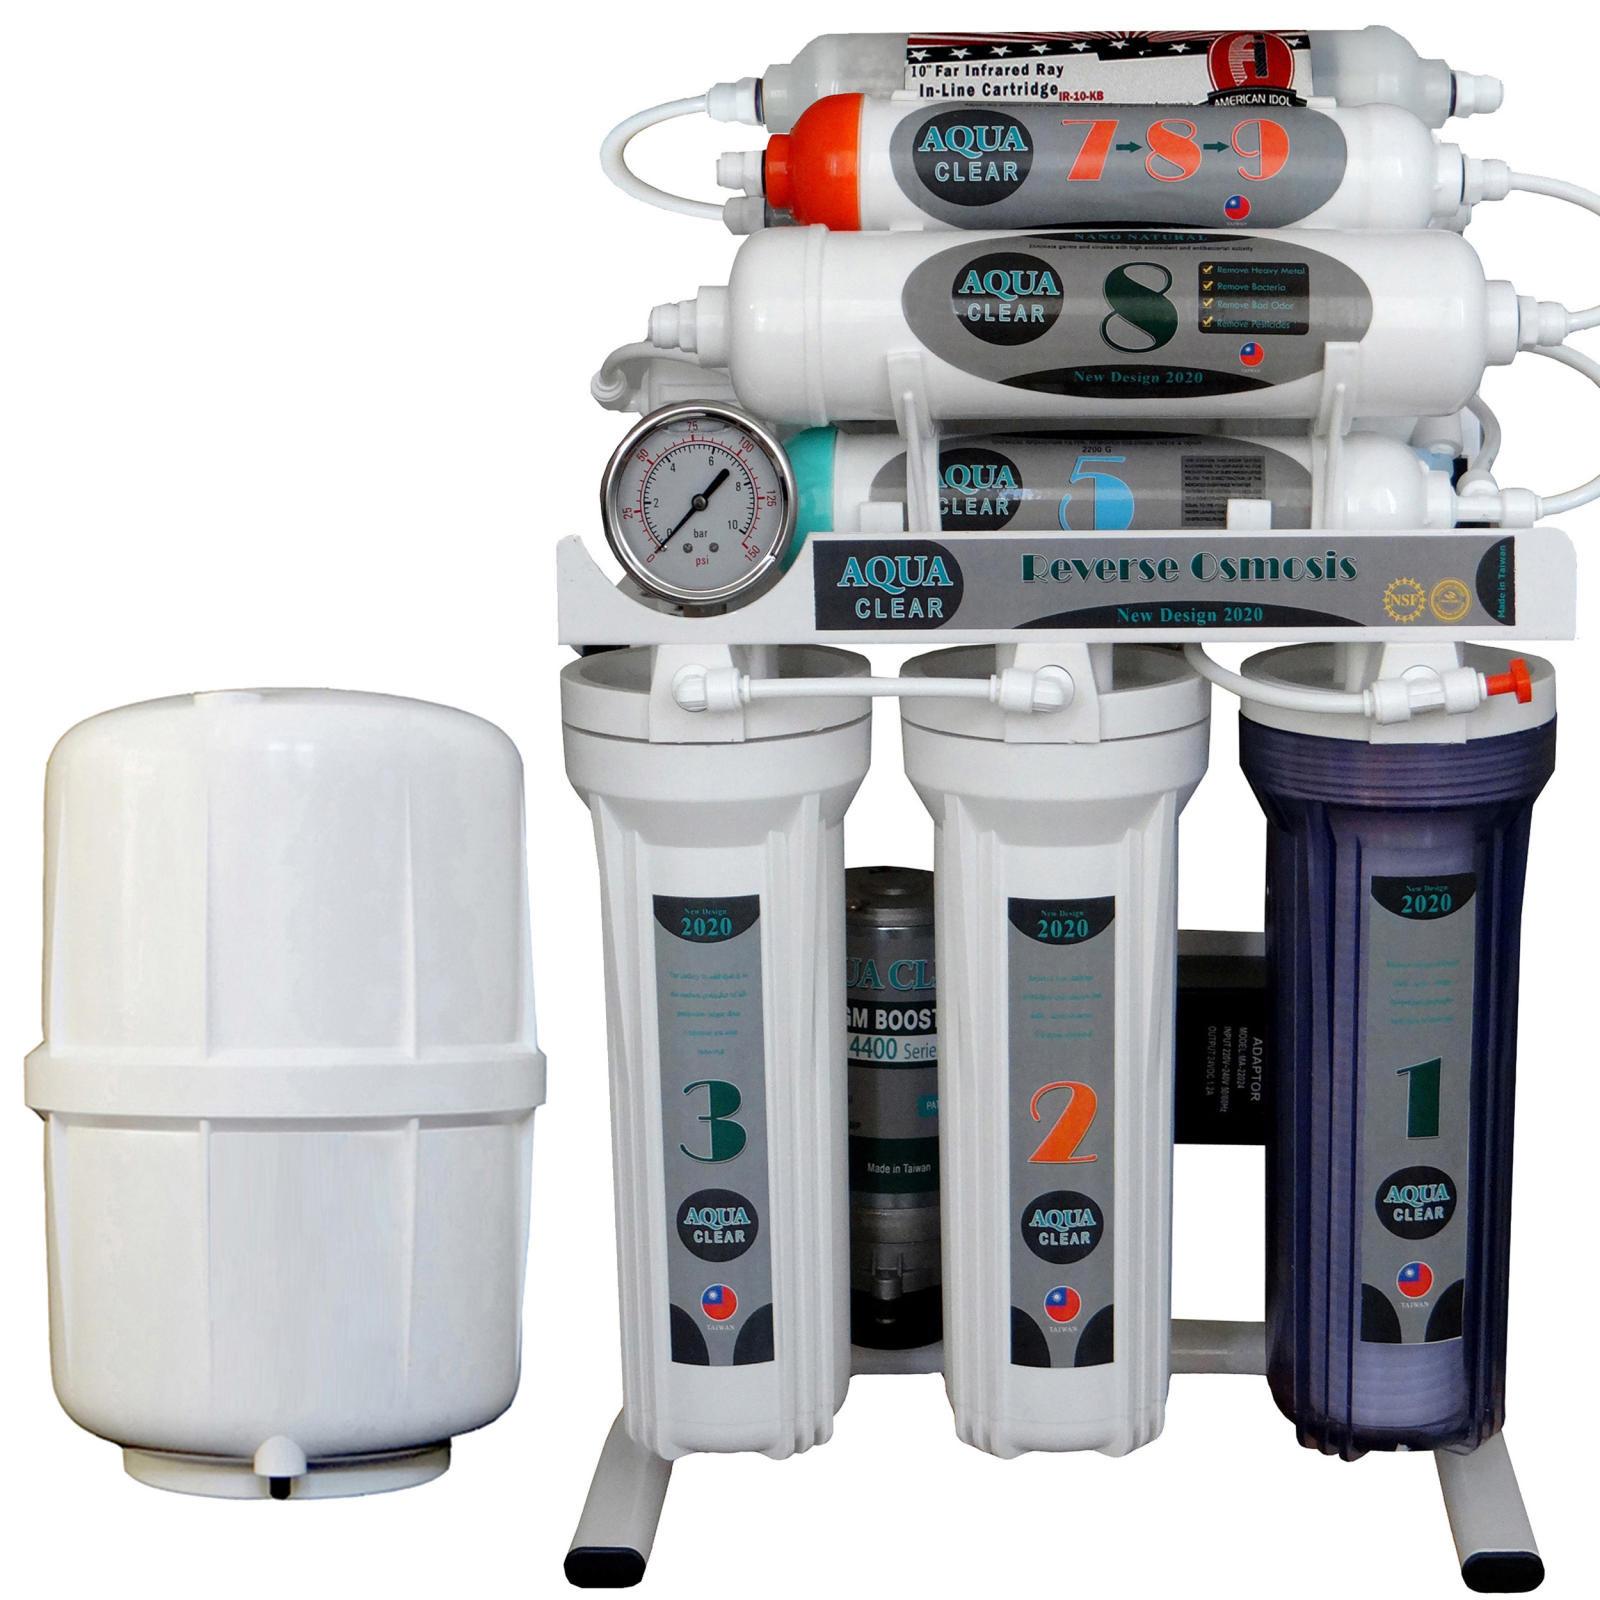 قیمت دستگاه تصفیه کننده آب آکوآ کلیر مدل NEWDESIGN